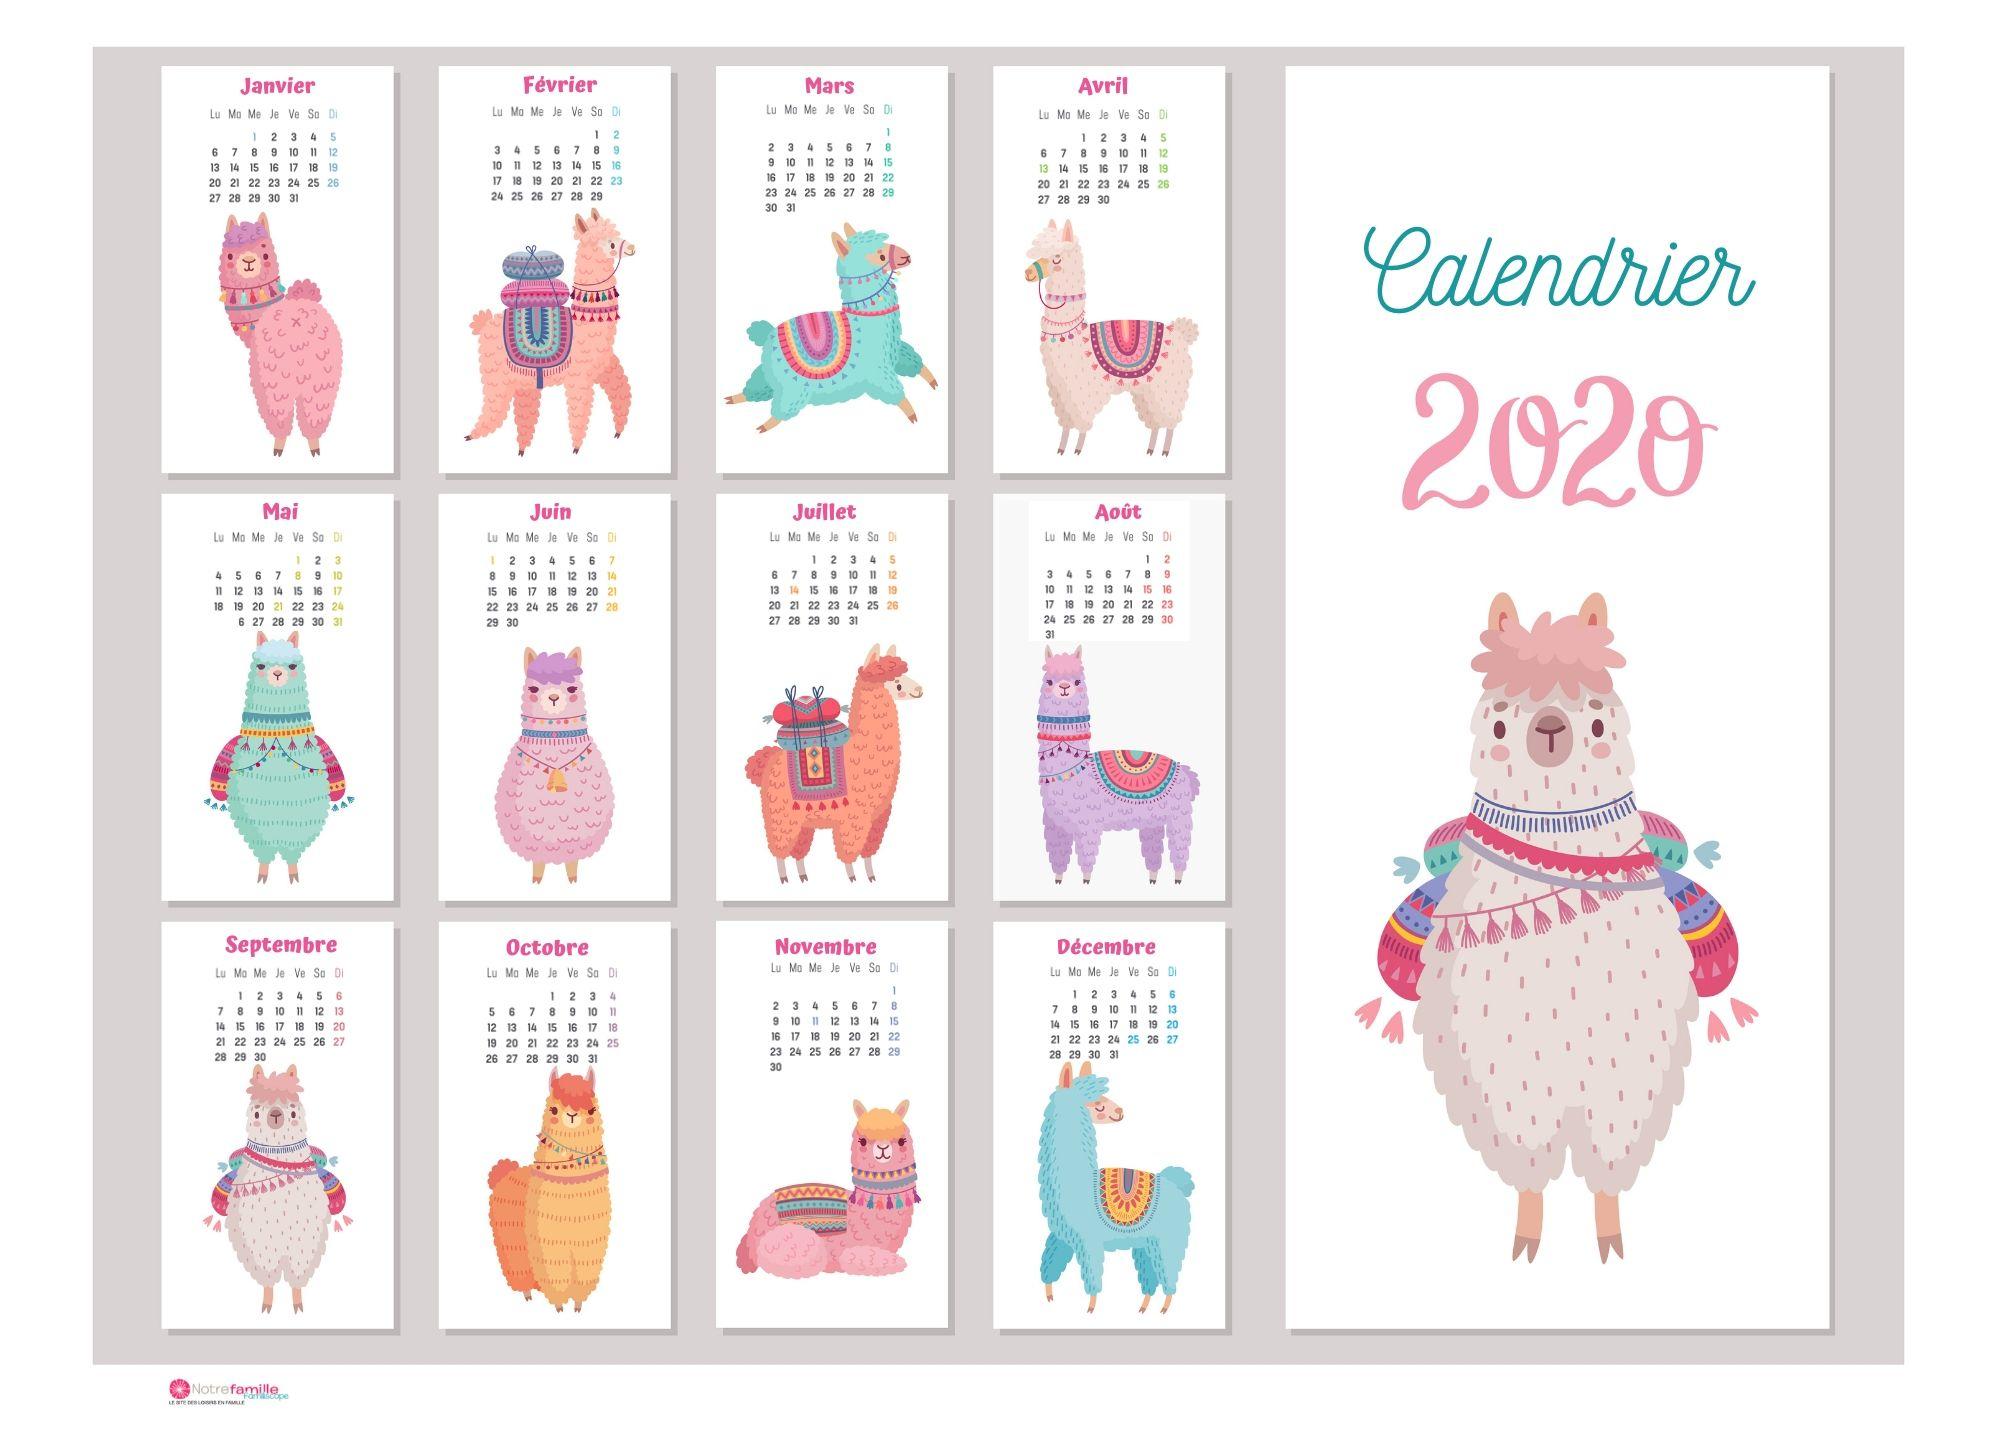 Calendriers 2020 À Imprimer Pour Les Enfants dedans Cahier De Vacances Maternelle À Imprimer